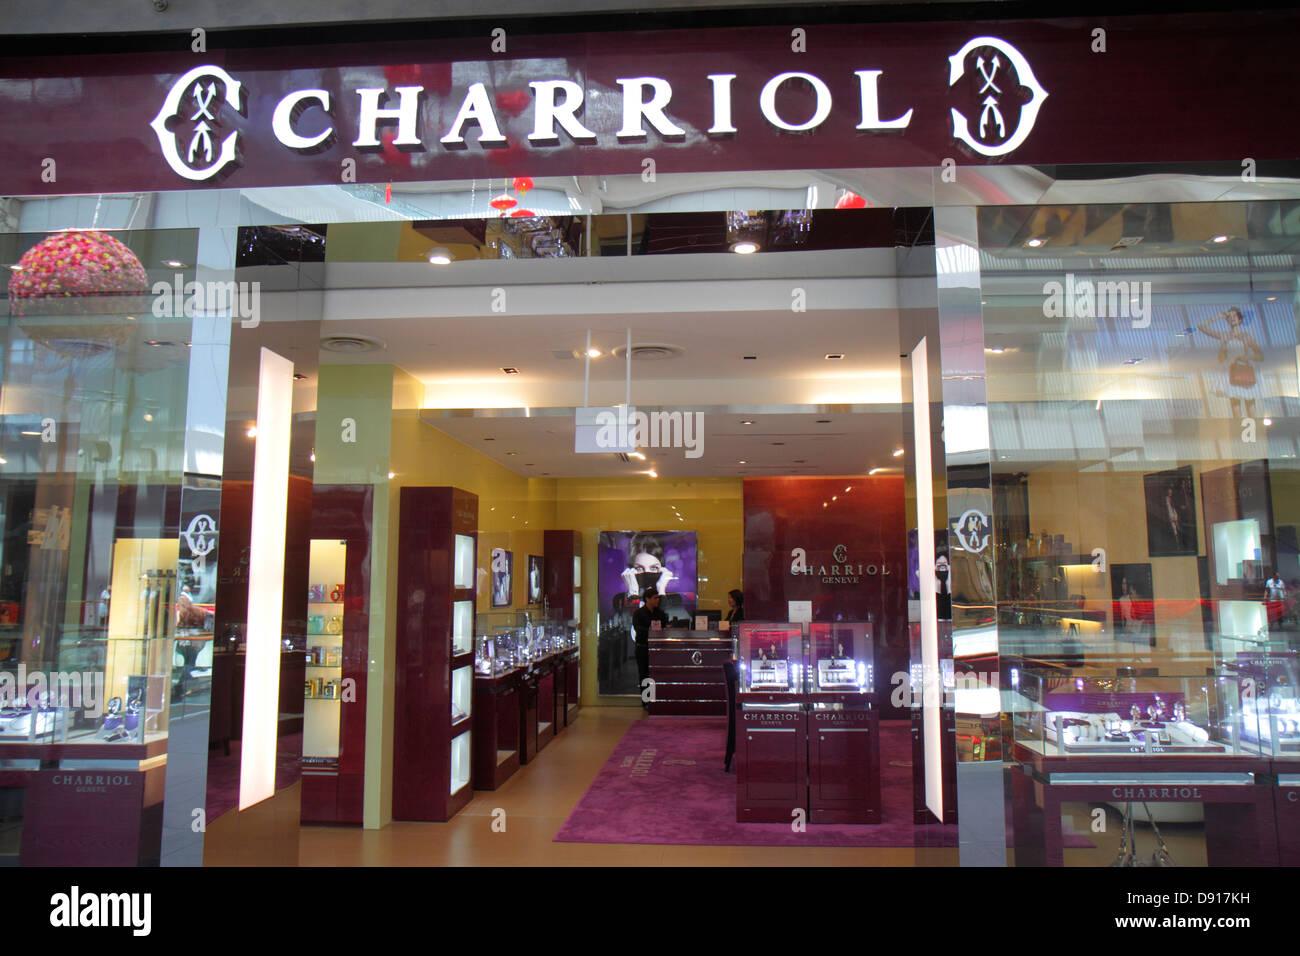 Las tiendas en Singapur Marina Bay Sands tiendas de joyas joyería Charriol entrada frontal Imagen De Stock